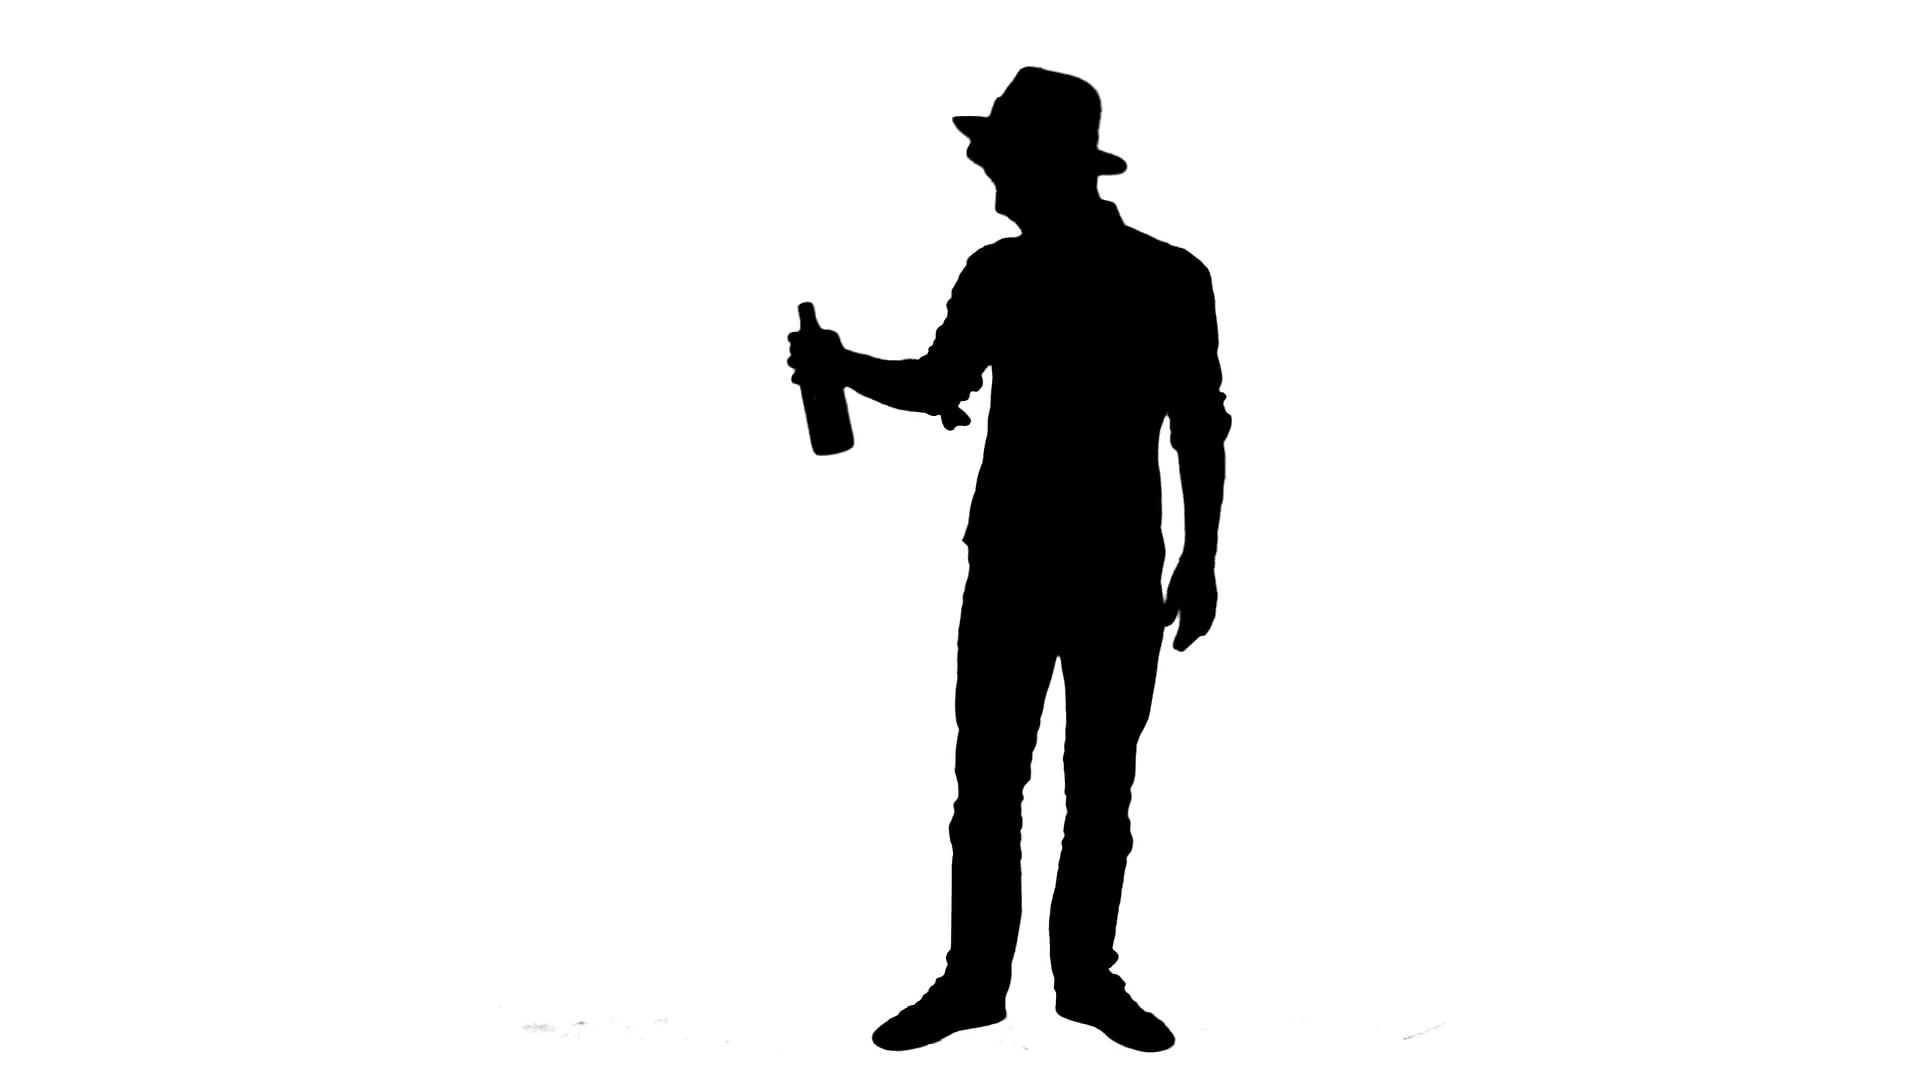 1920x1080 Drunk Man Silhouette Cowboy Style